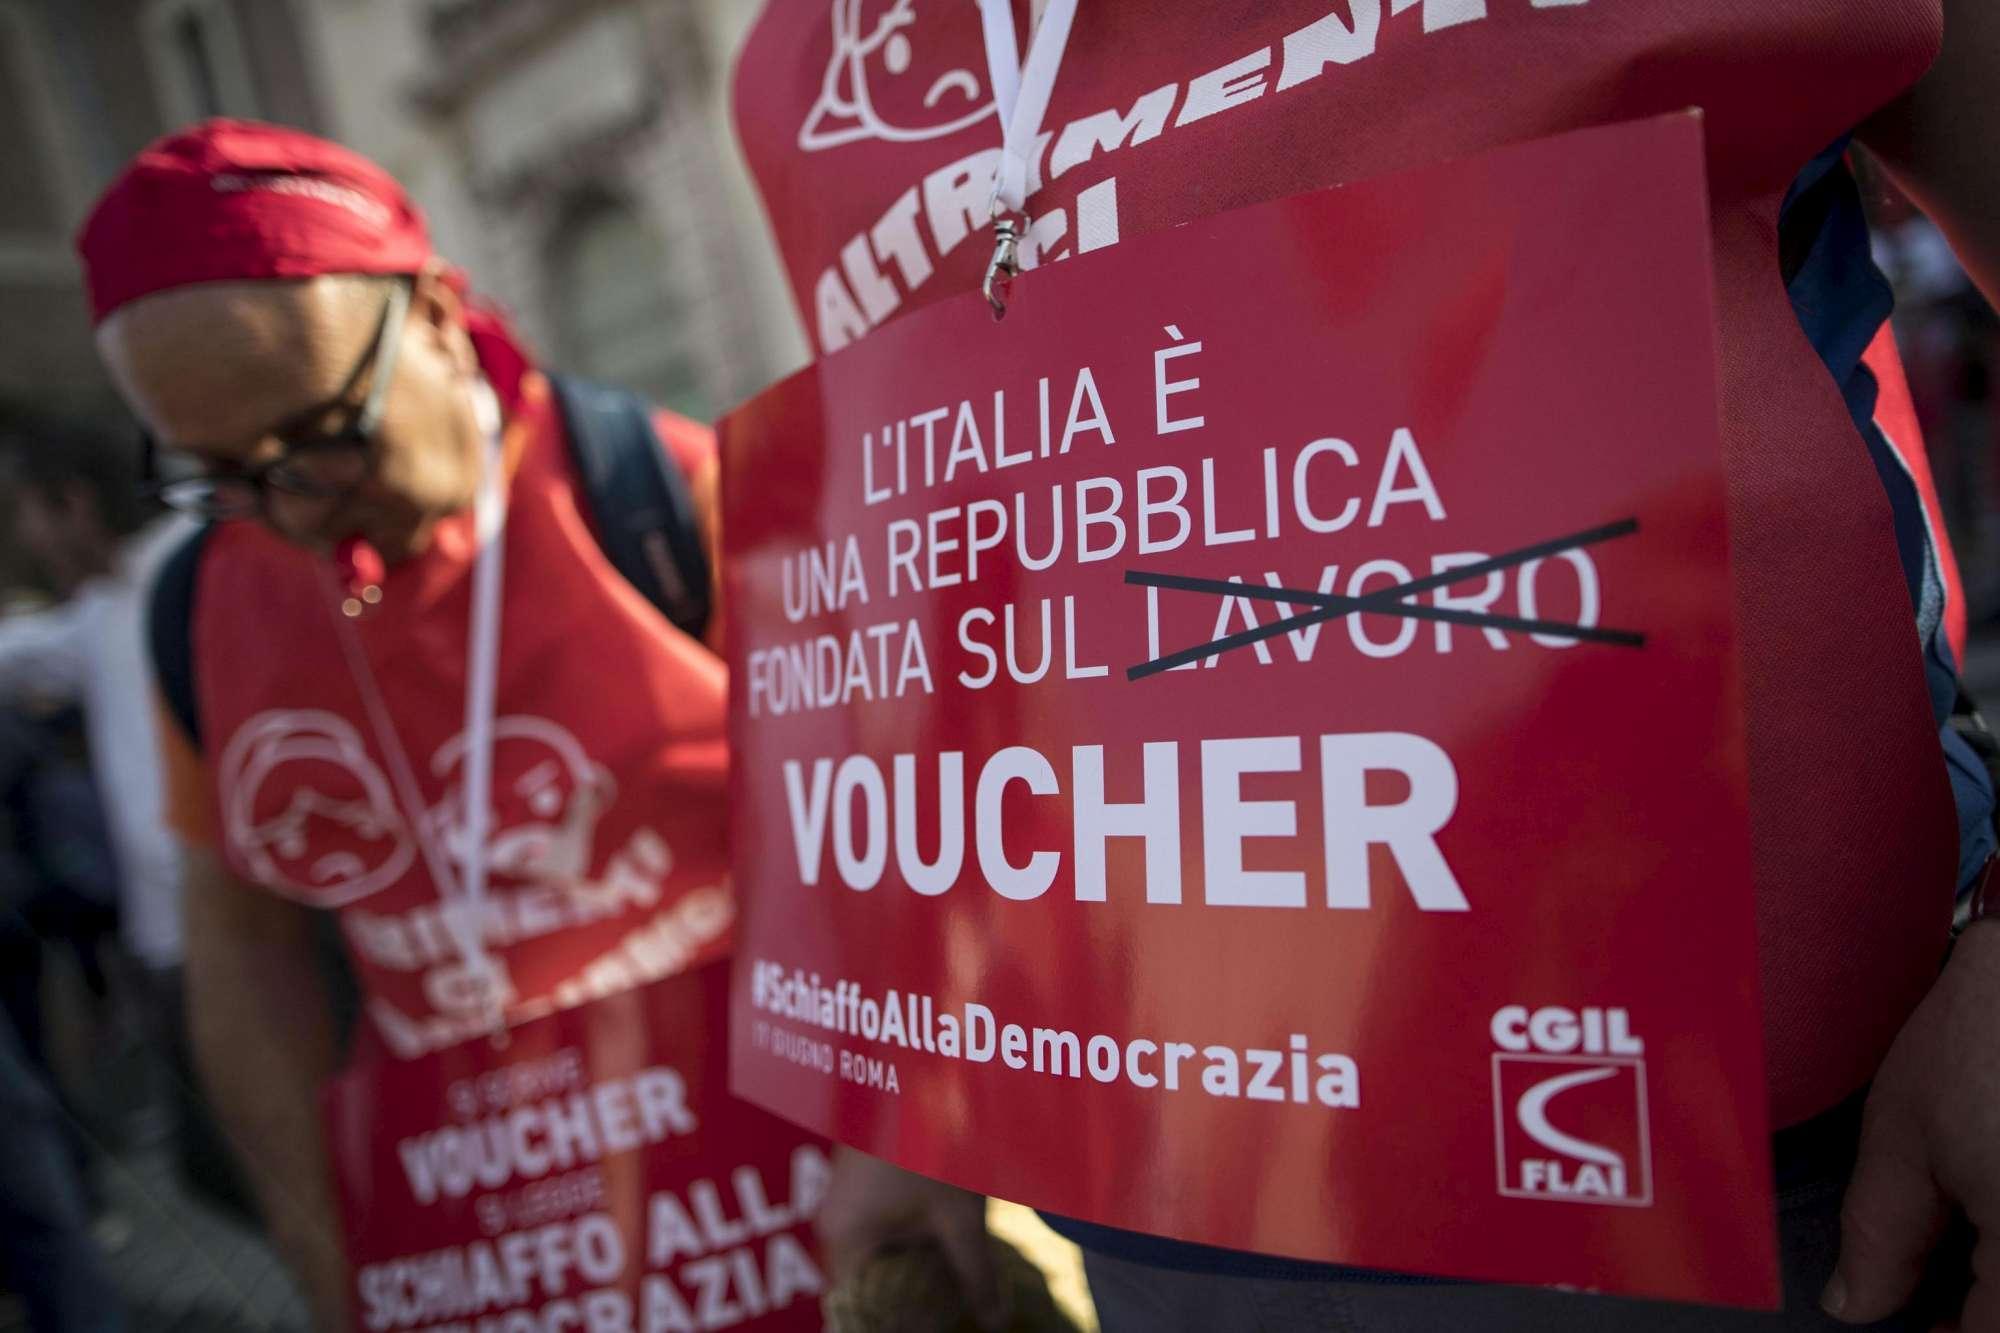 Contro i nuovi voucher Cgil in piazza a Roma